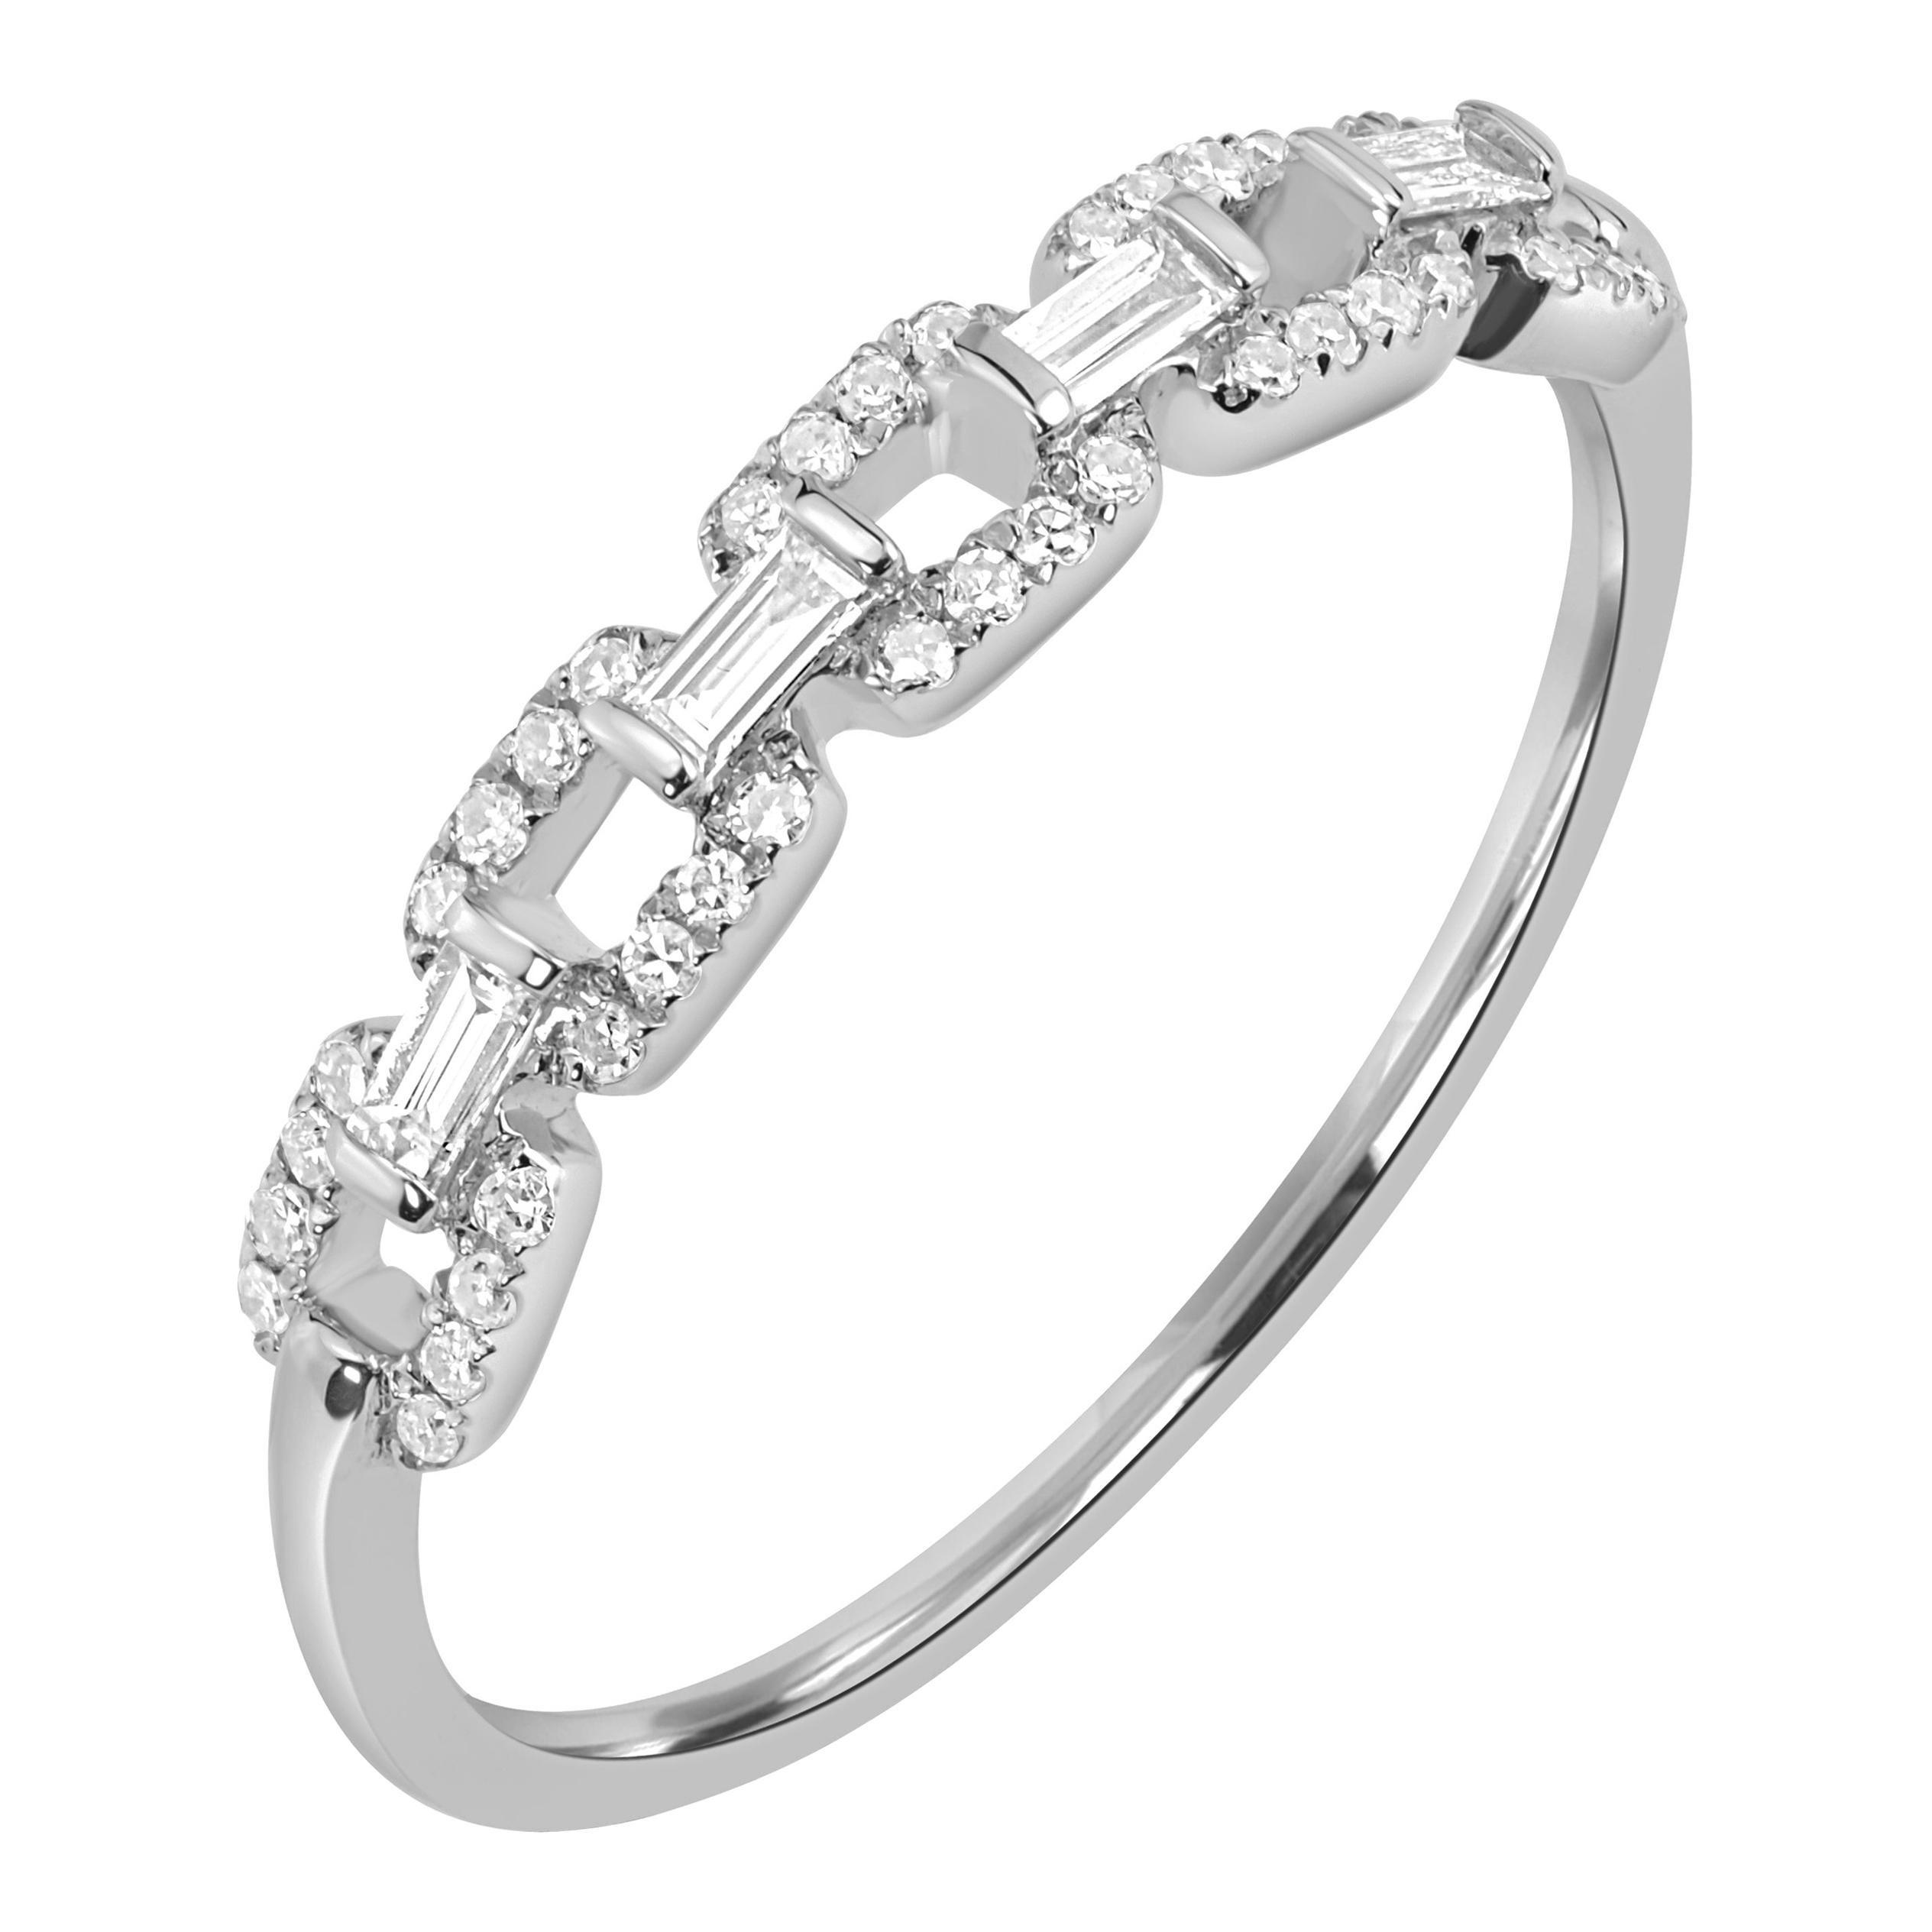 18 Karat White Gold Pave Diamond Link Band Ring